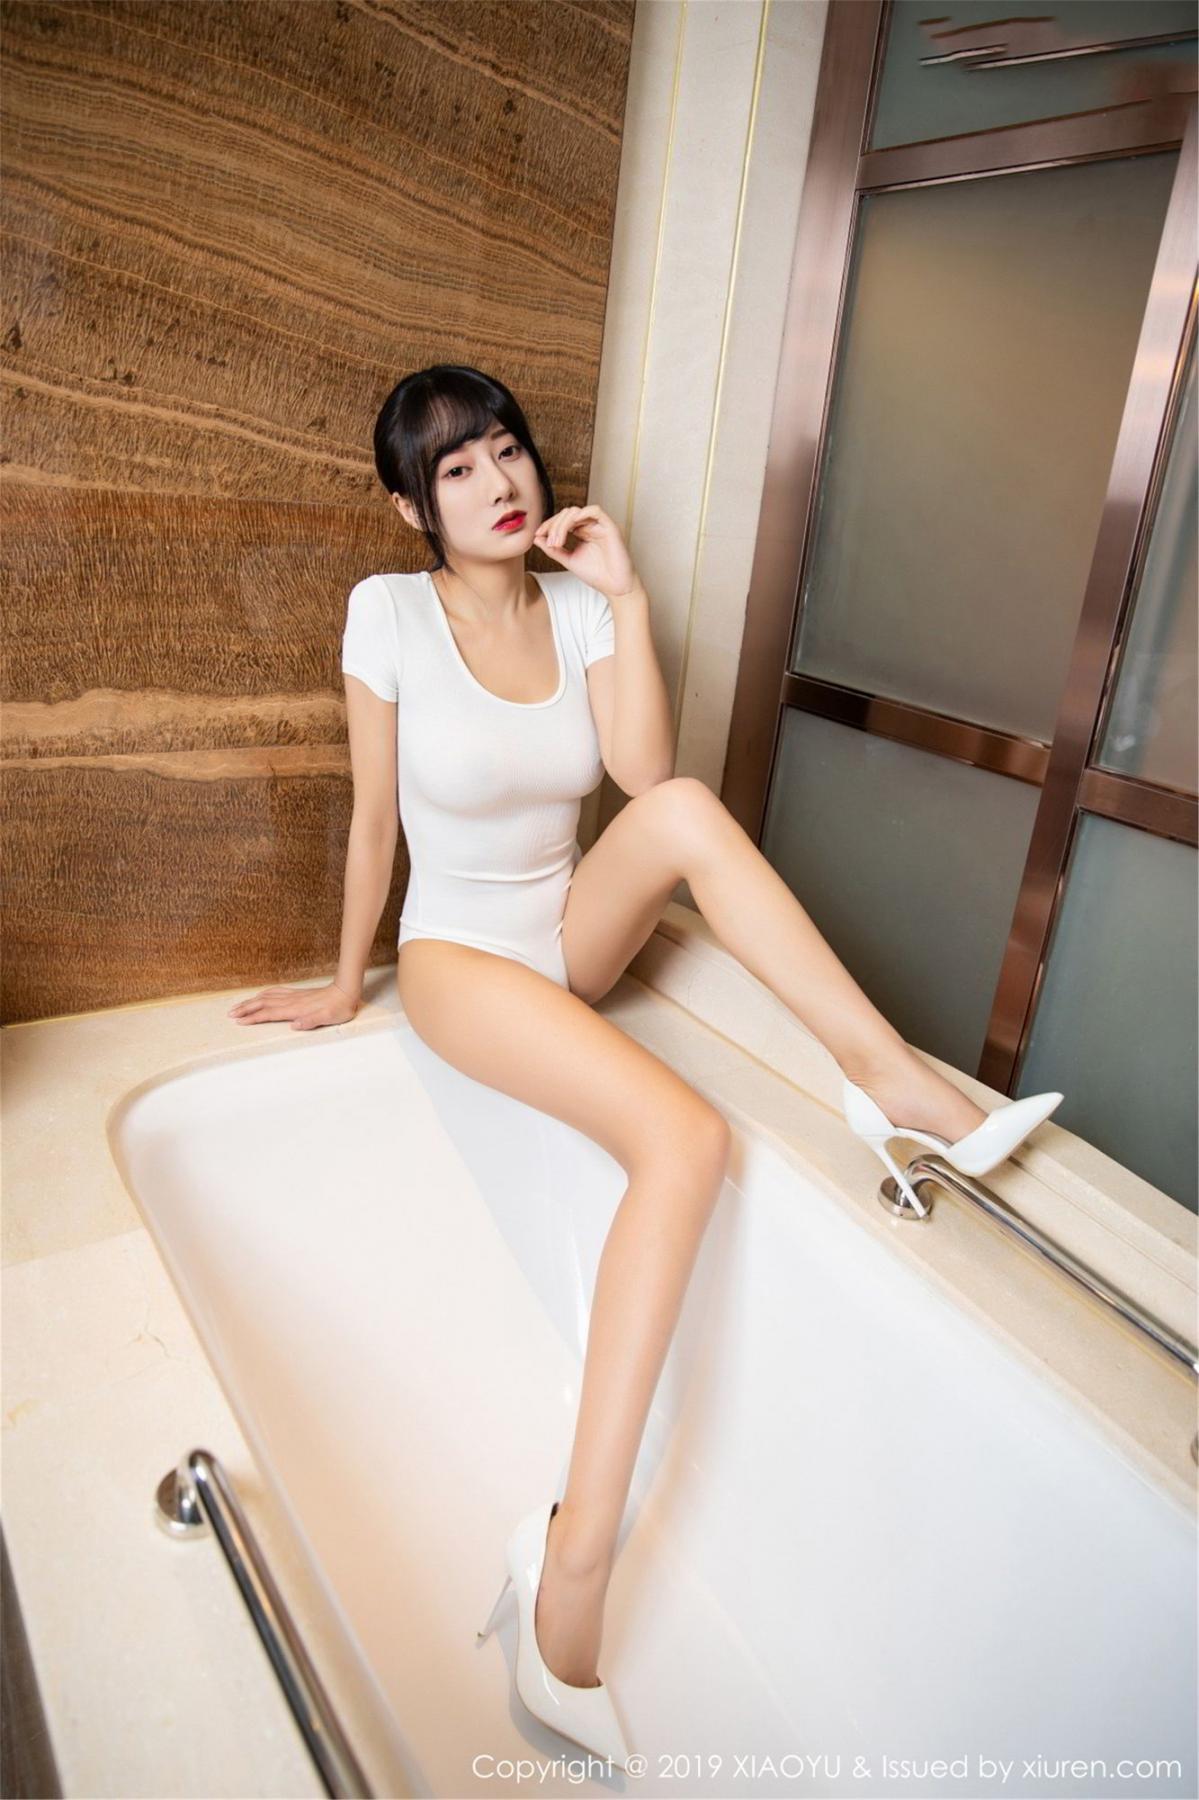 [XiaoYu] Vol.116 He Jia Ying 11P, Bathroom, He Jia Ying, Wet, XiaoYu